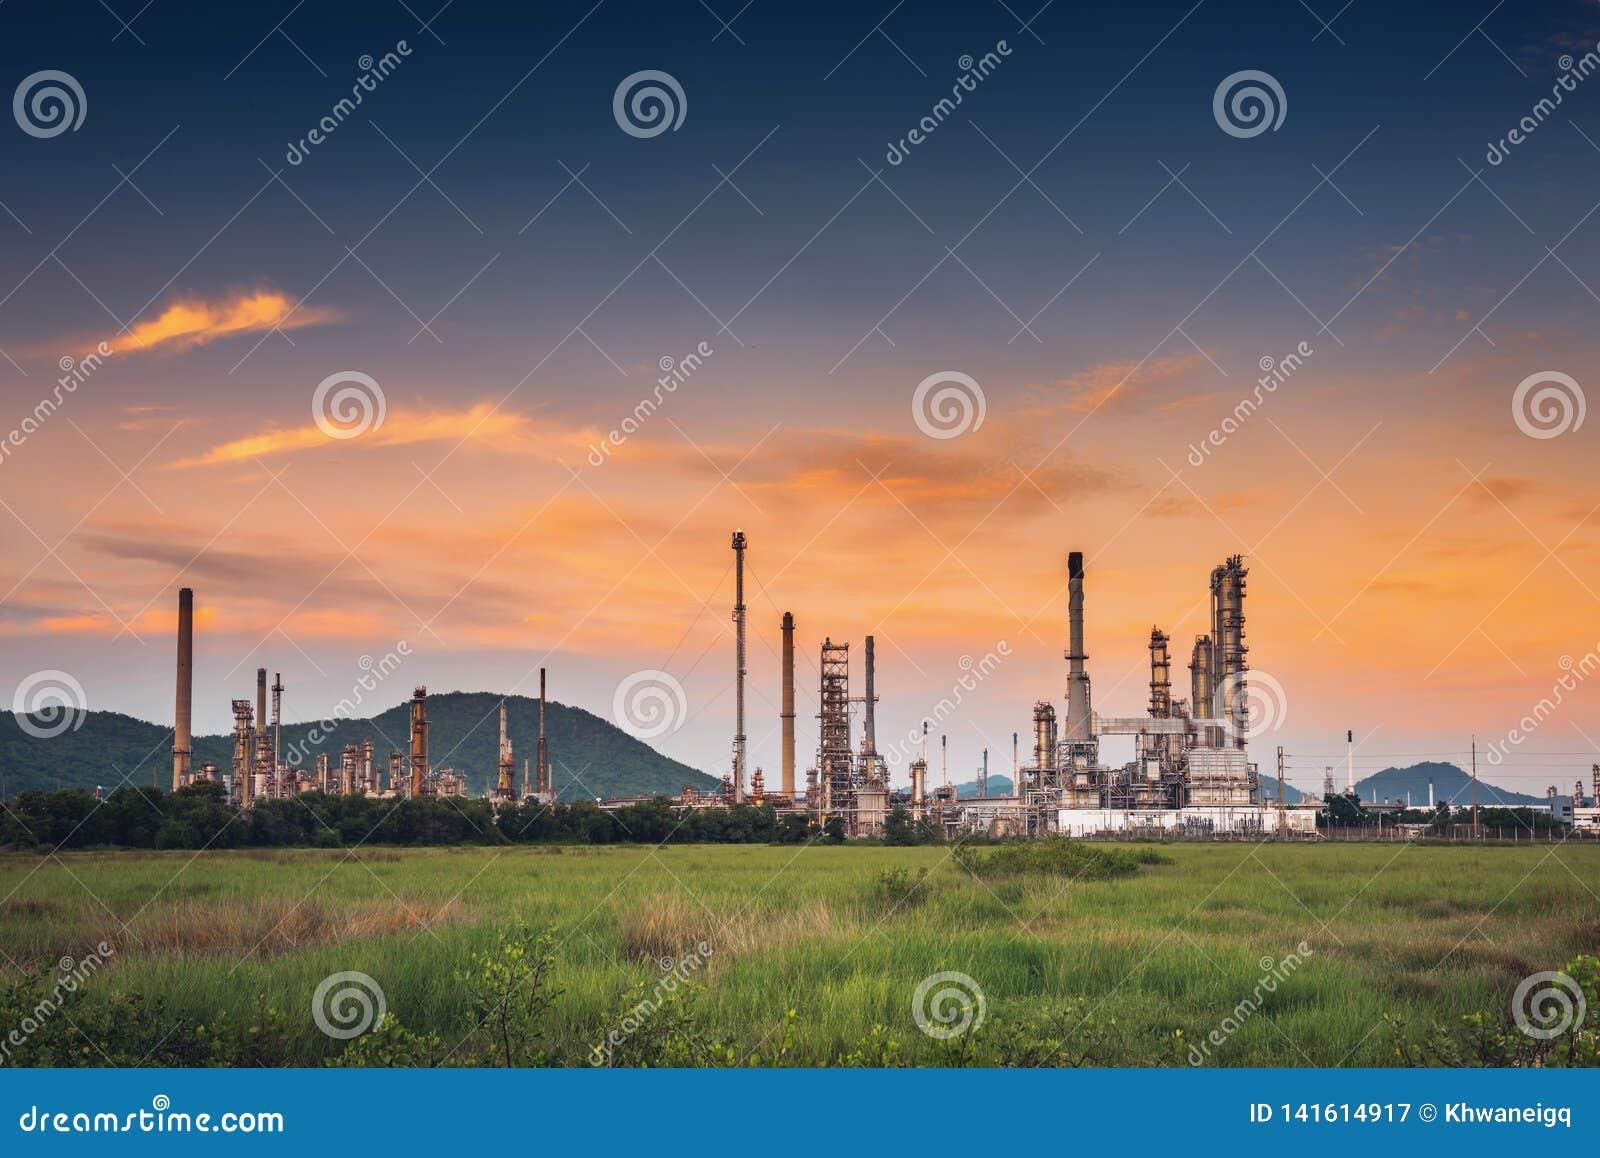 Landschap van olie en gasraffinaderij productieinstallatie , Petrochemische of chemische distillatieprocédé gebouwen , Fabriek va